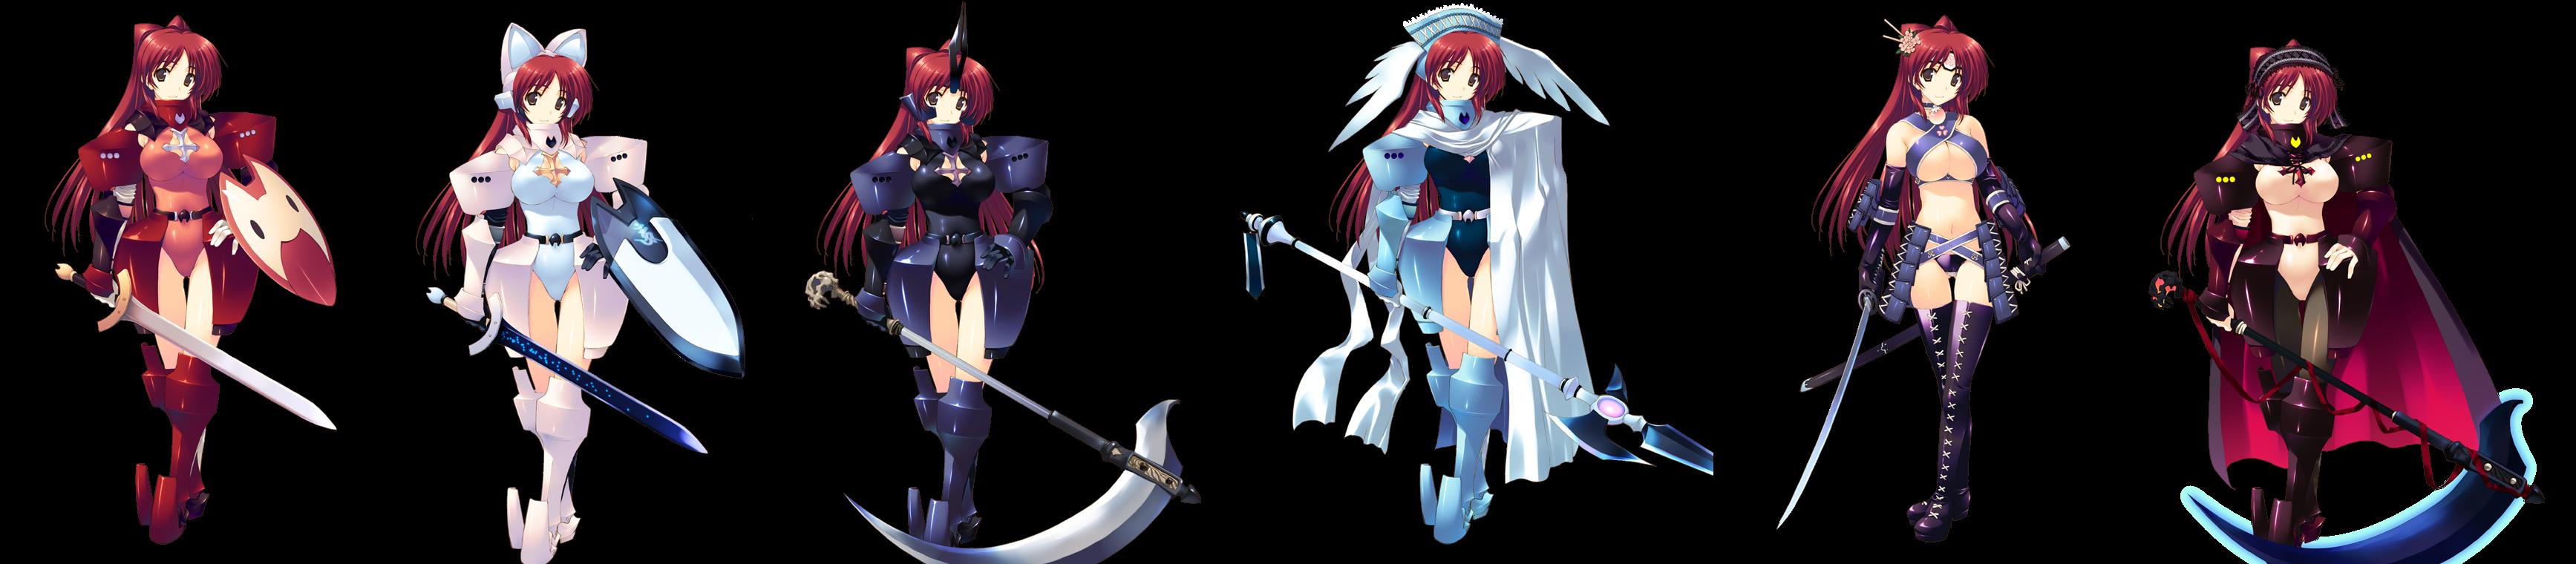 Especial de Figuras: Samurai Tamaki de To Heart 2